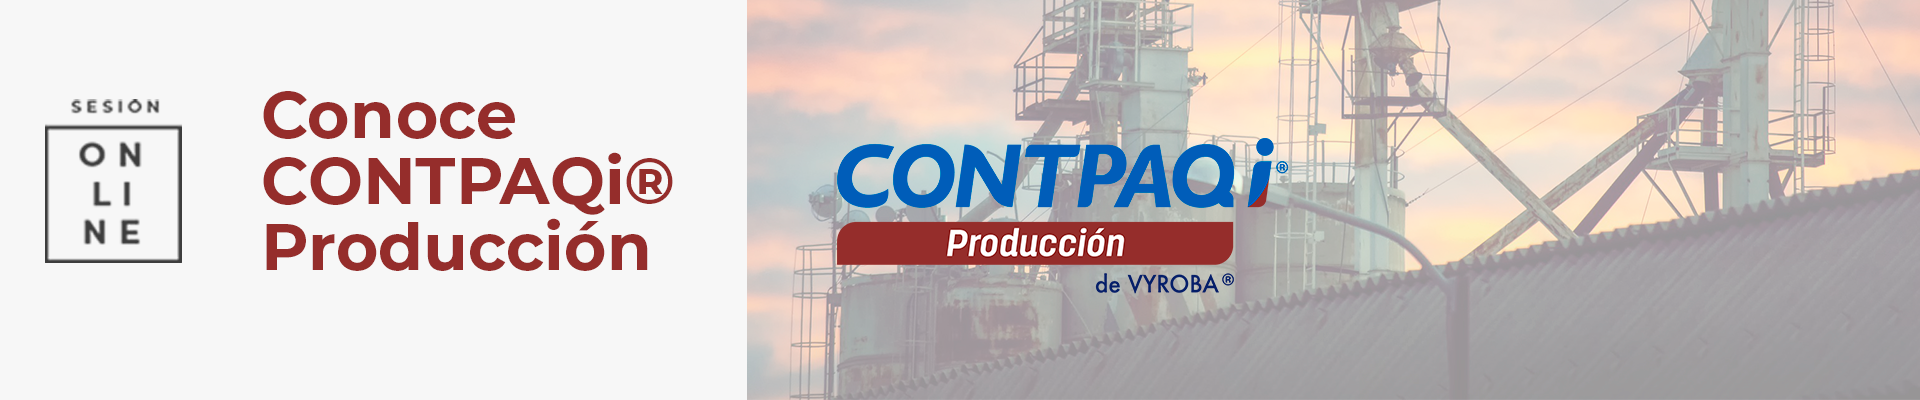 Presentación CONTPAQi® Producción 22 agosto 2019